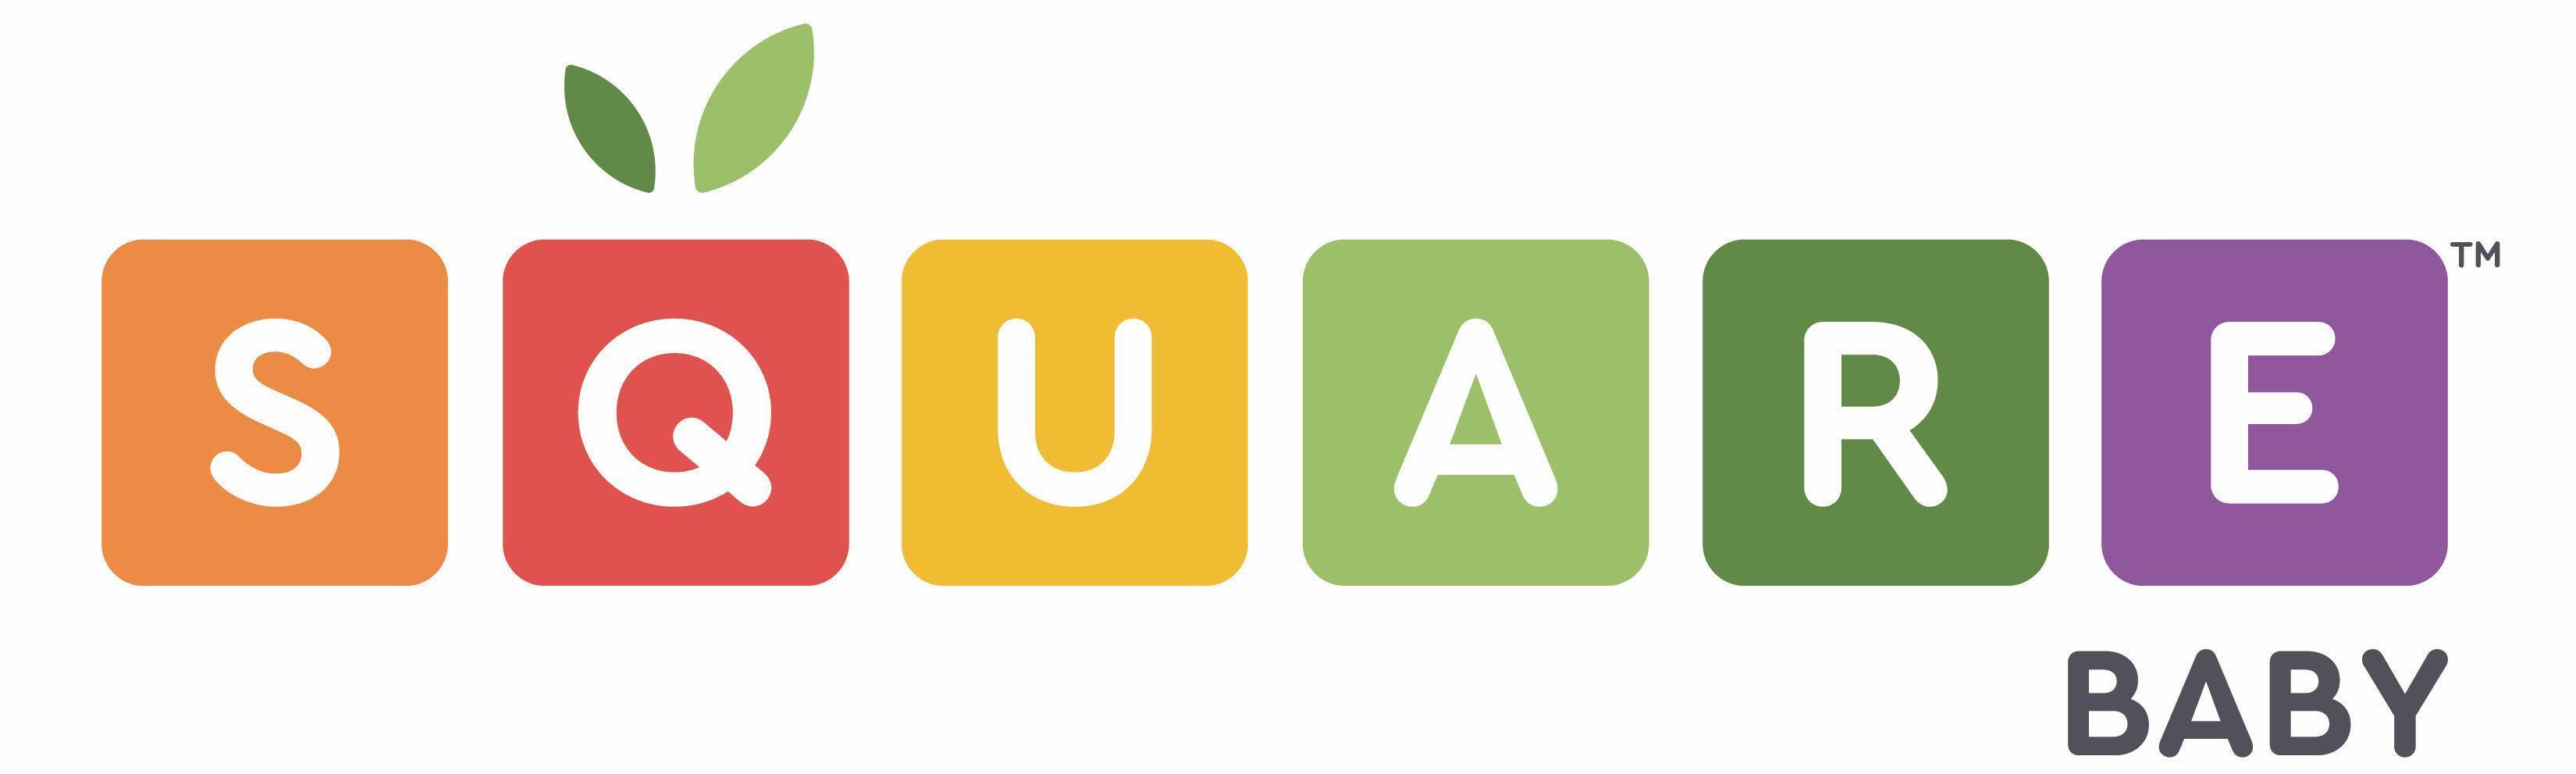 Square Baby company logo